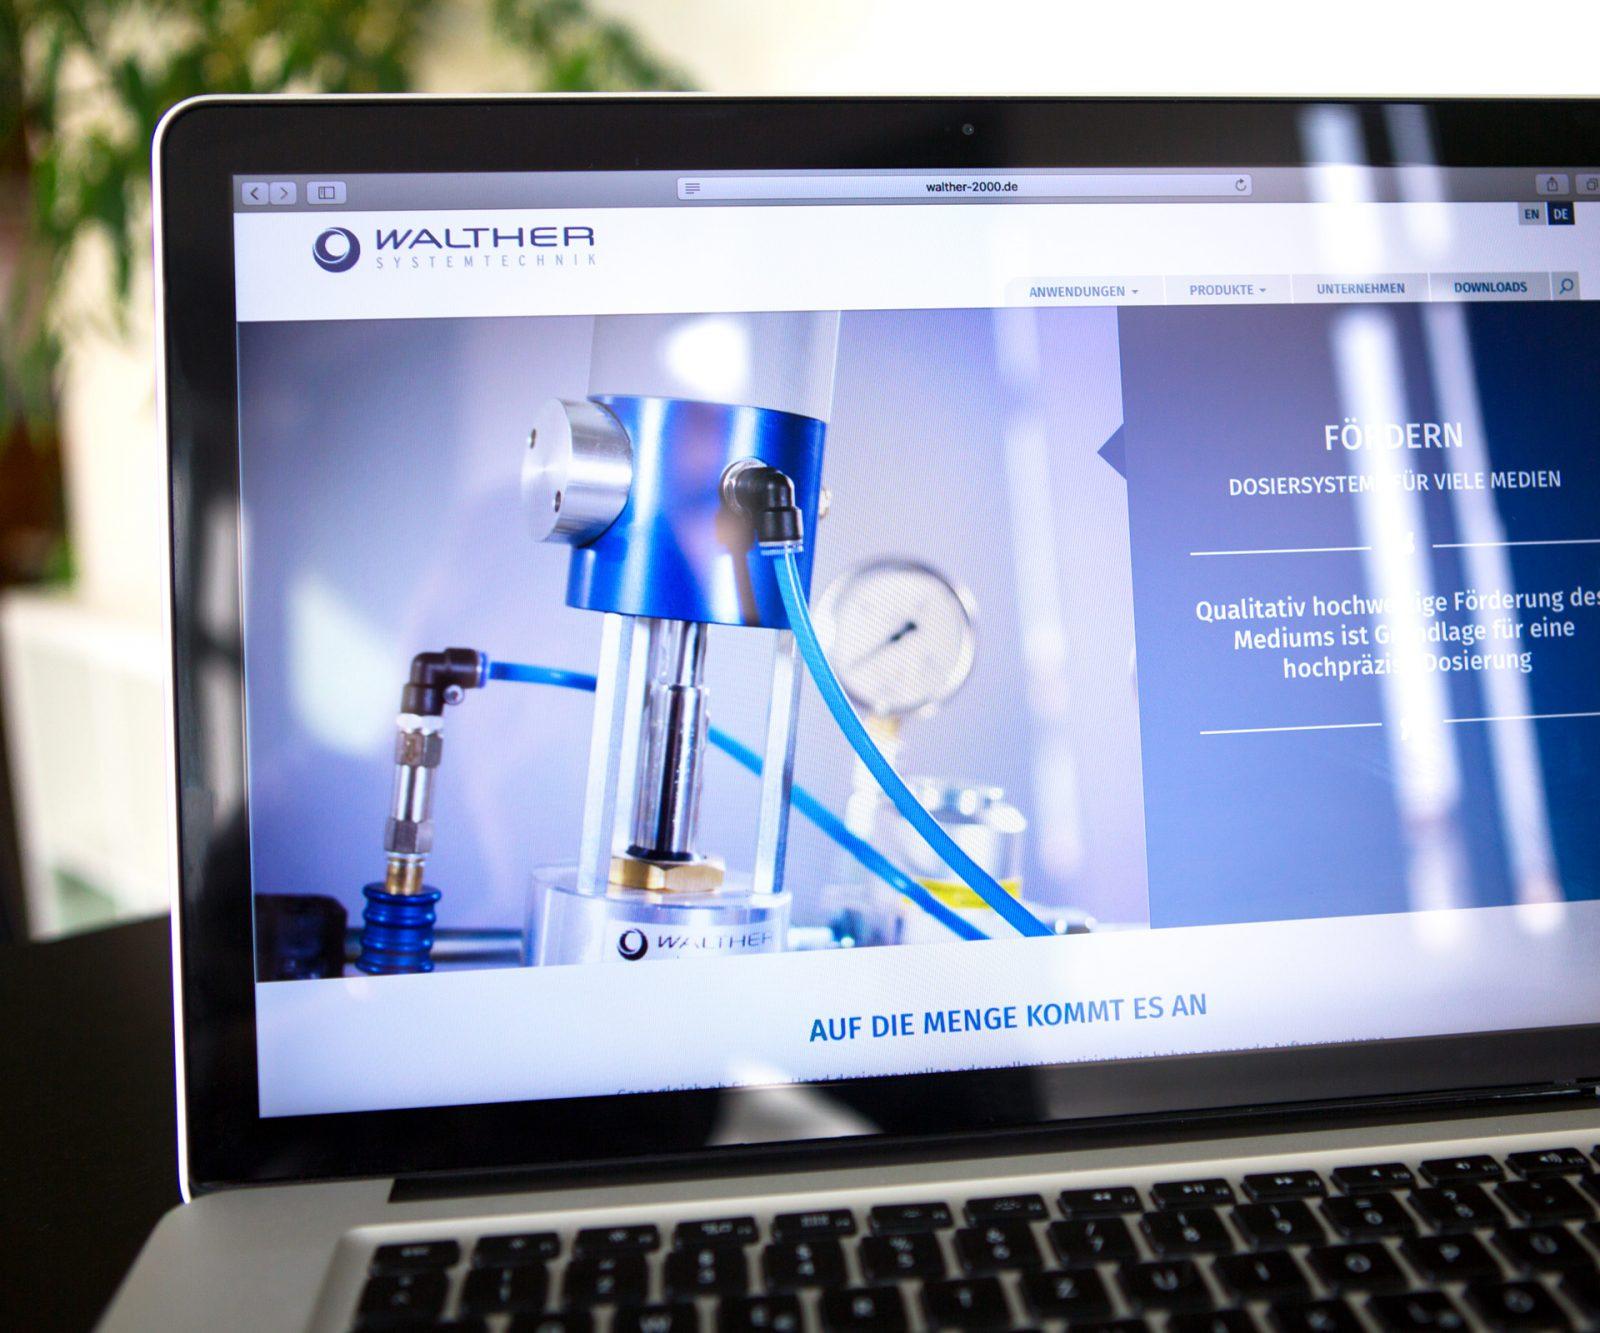 Sabath Media Werbeagentur - Walther Systemtechnik – Website & Broschüre - Referenzbild 2